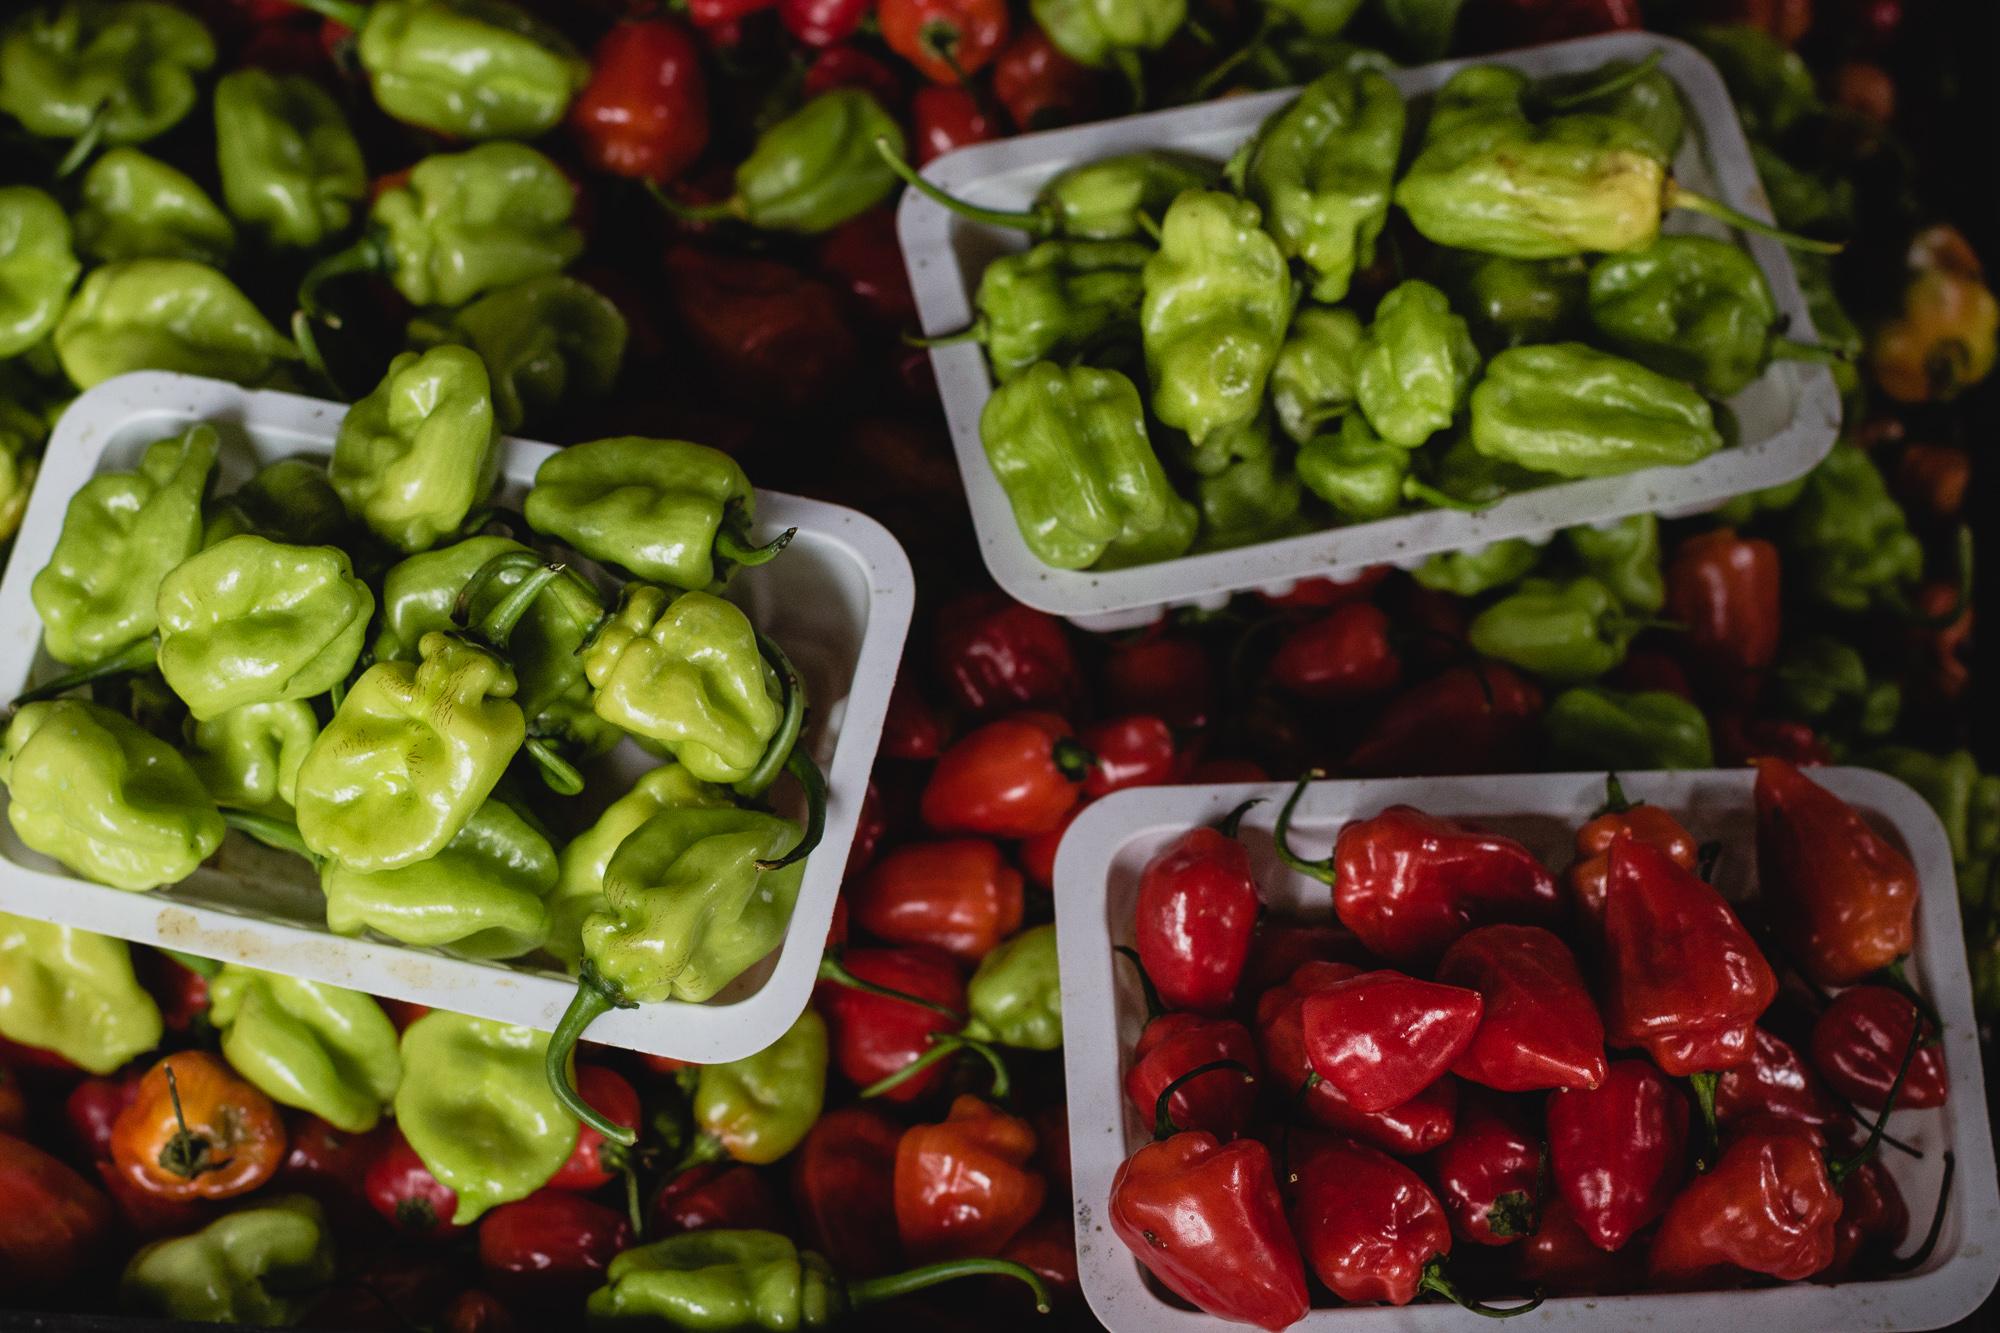 piments rouges et verts petit marché saint denis réunion